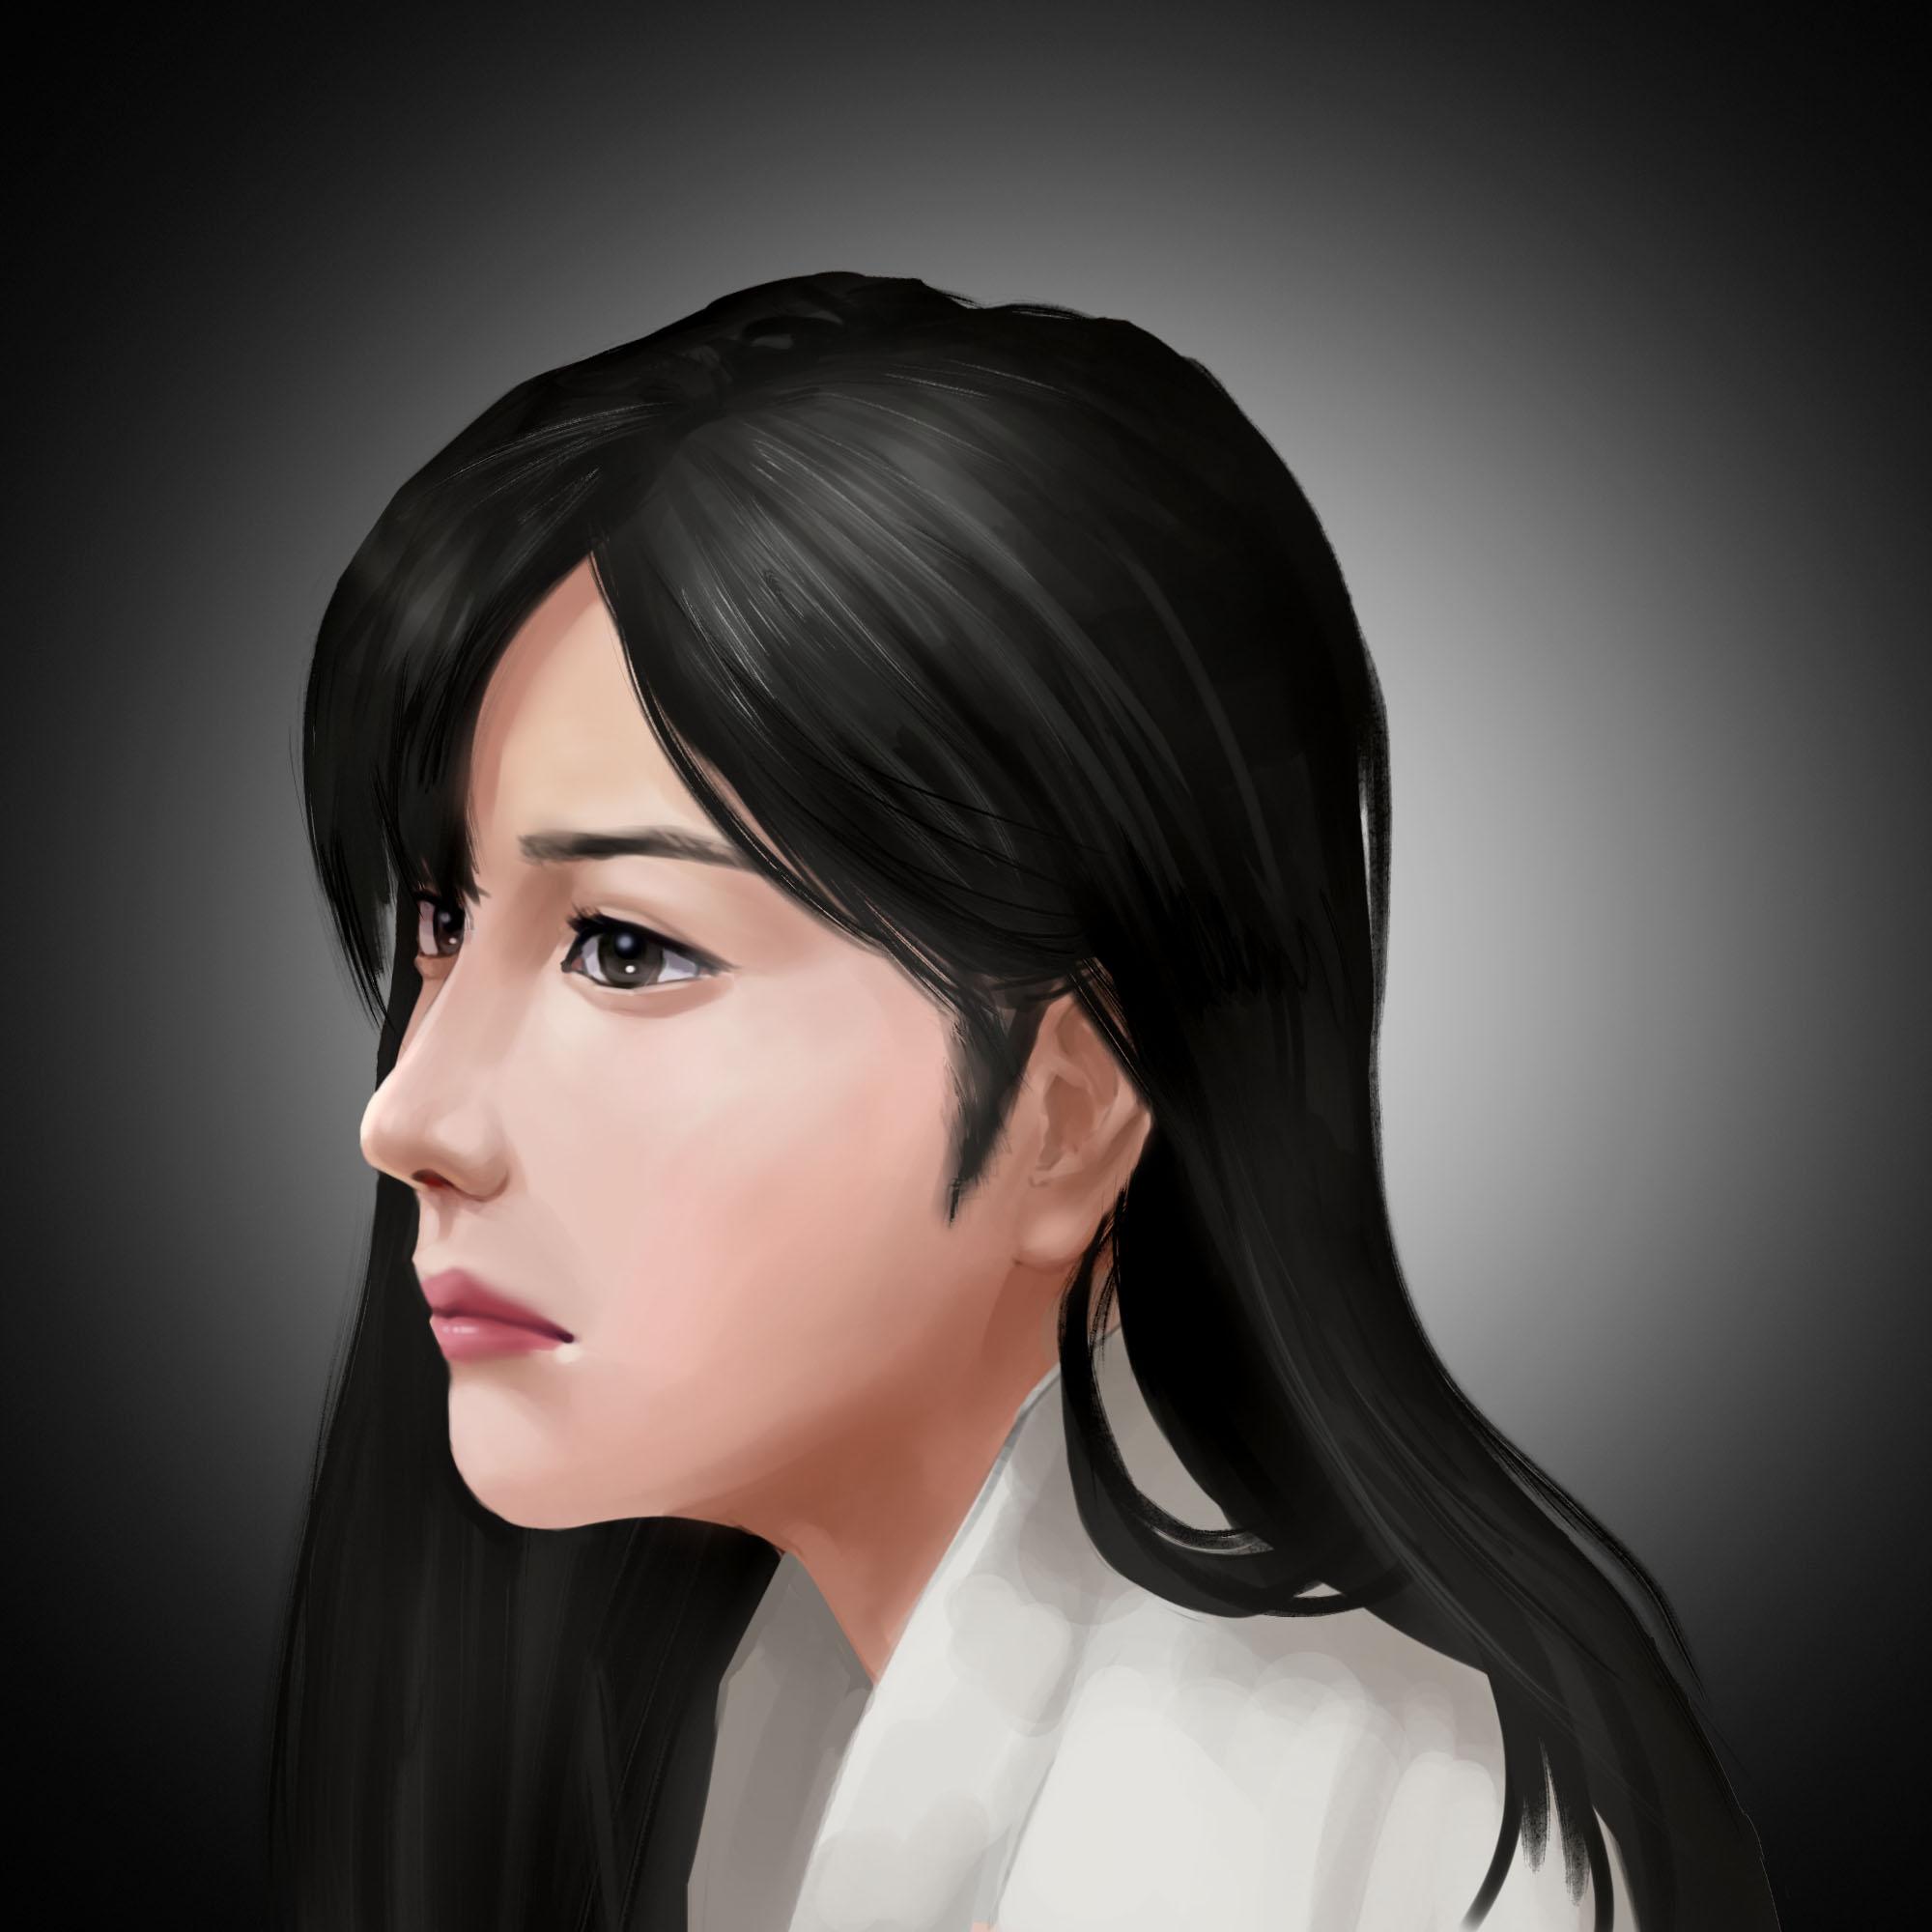 《暗蝶》剧本杀故事背景_角色简介_凶手是谁_复盘解析